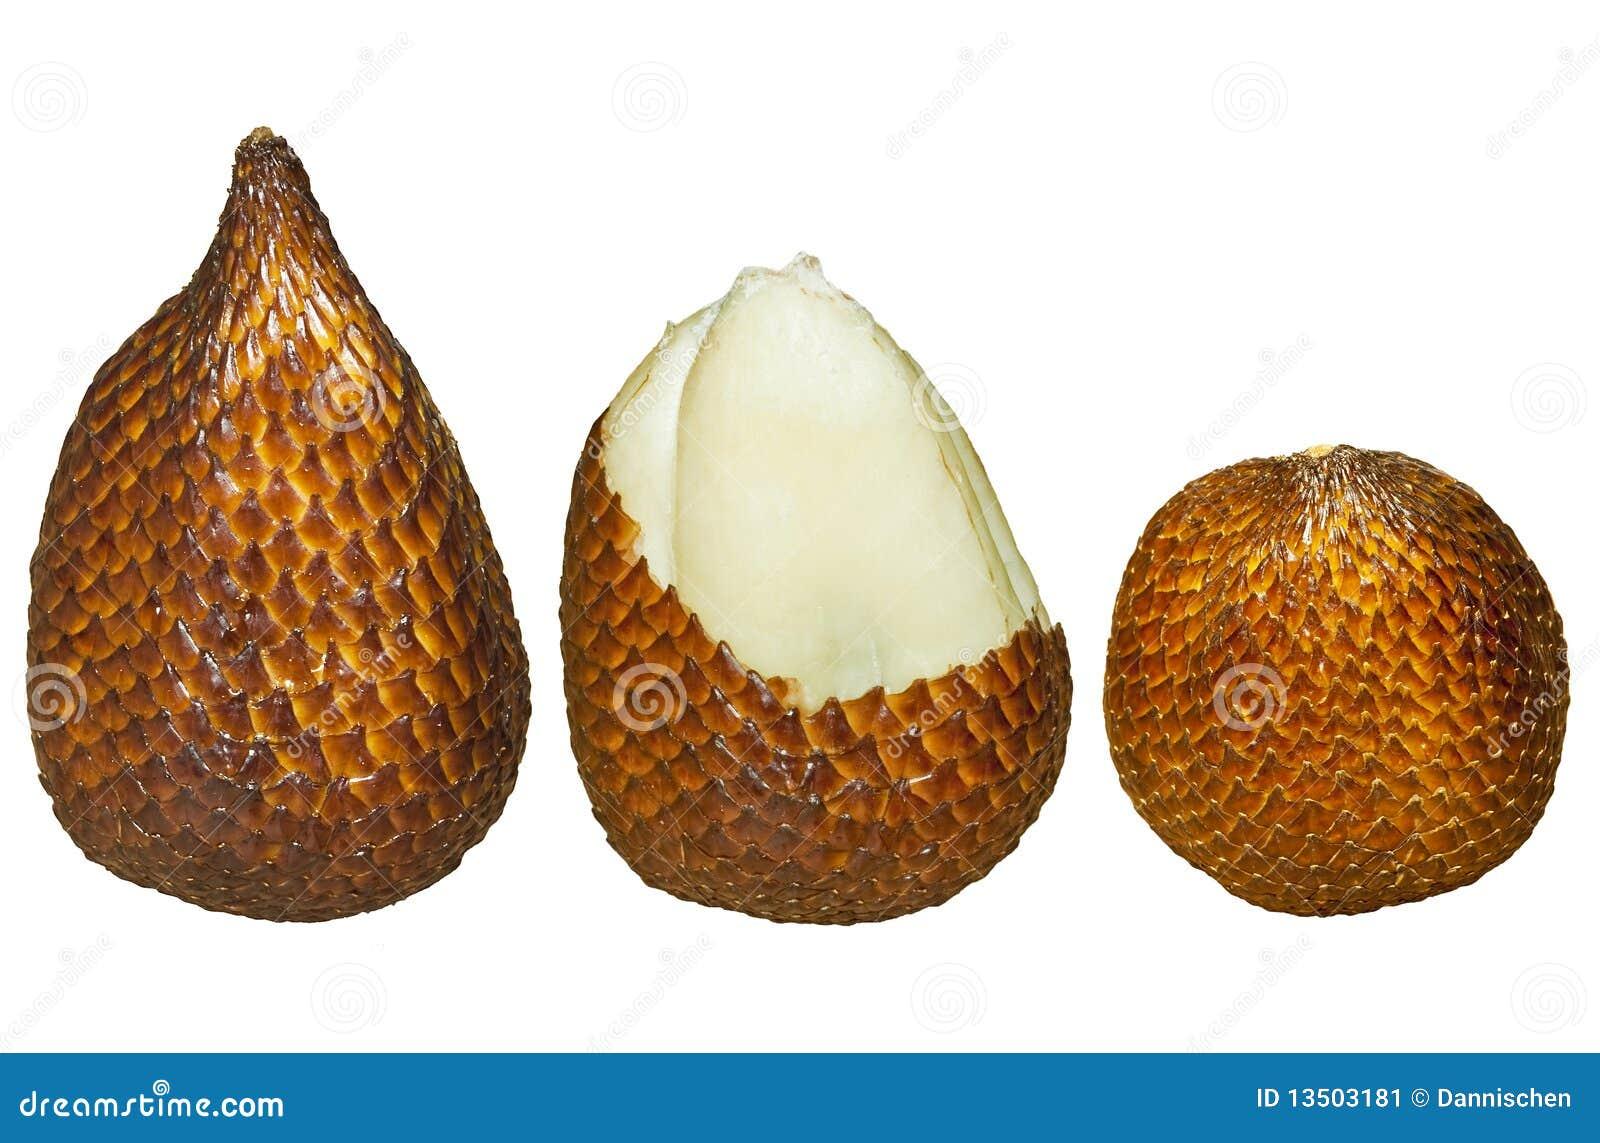 salak isolated fruit stock image   image 13503181